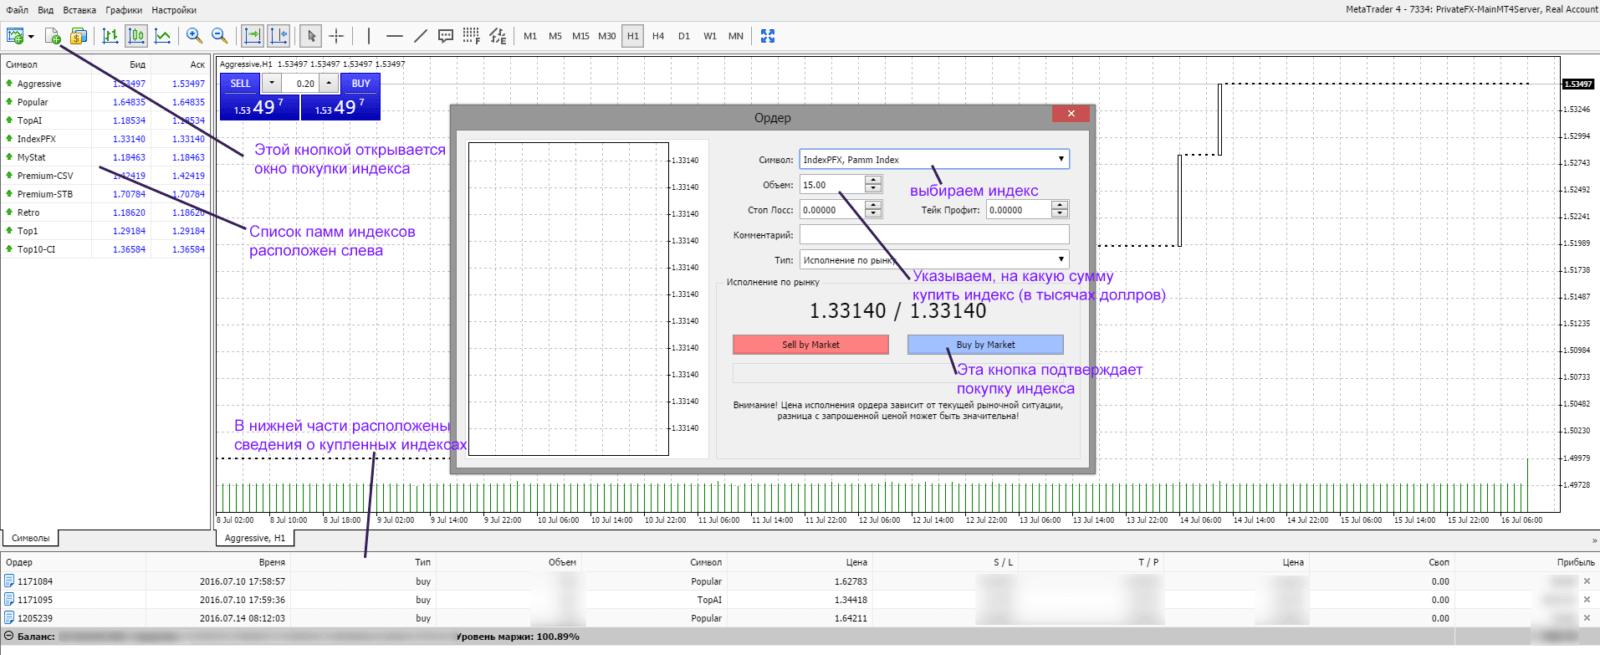 Дважды кликните по нужному индексу или нажмите кнопку для открытия окна покупки индекса. Укажите объём и подтвердите покупку. Остальные данные заполнять не требуется.